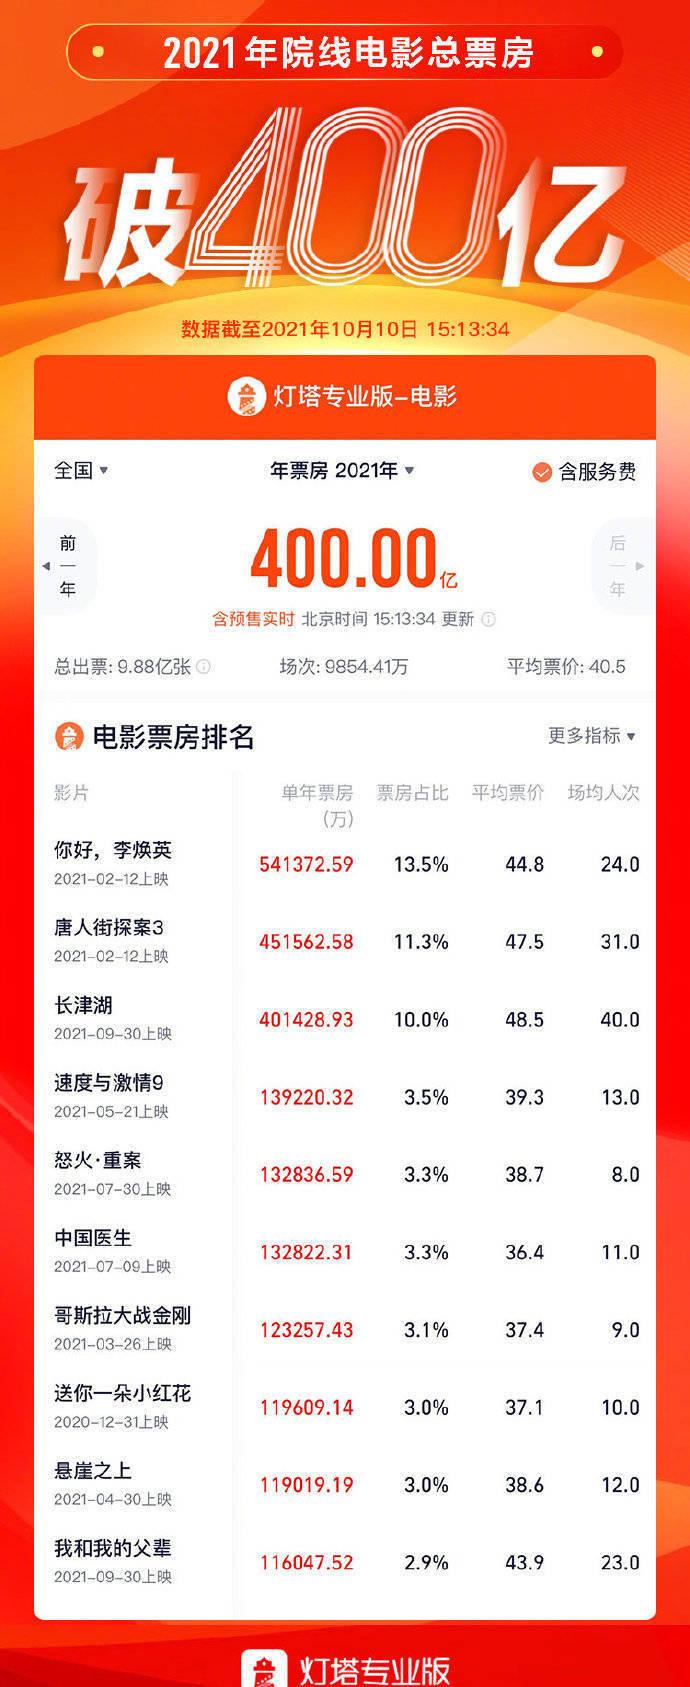 中国电影市场2021年度总观影人次达 9.88亿,总场次9854.41万场